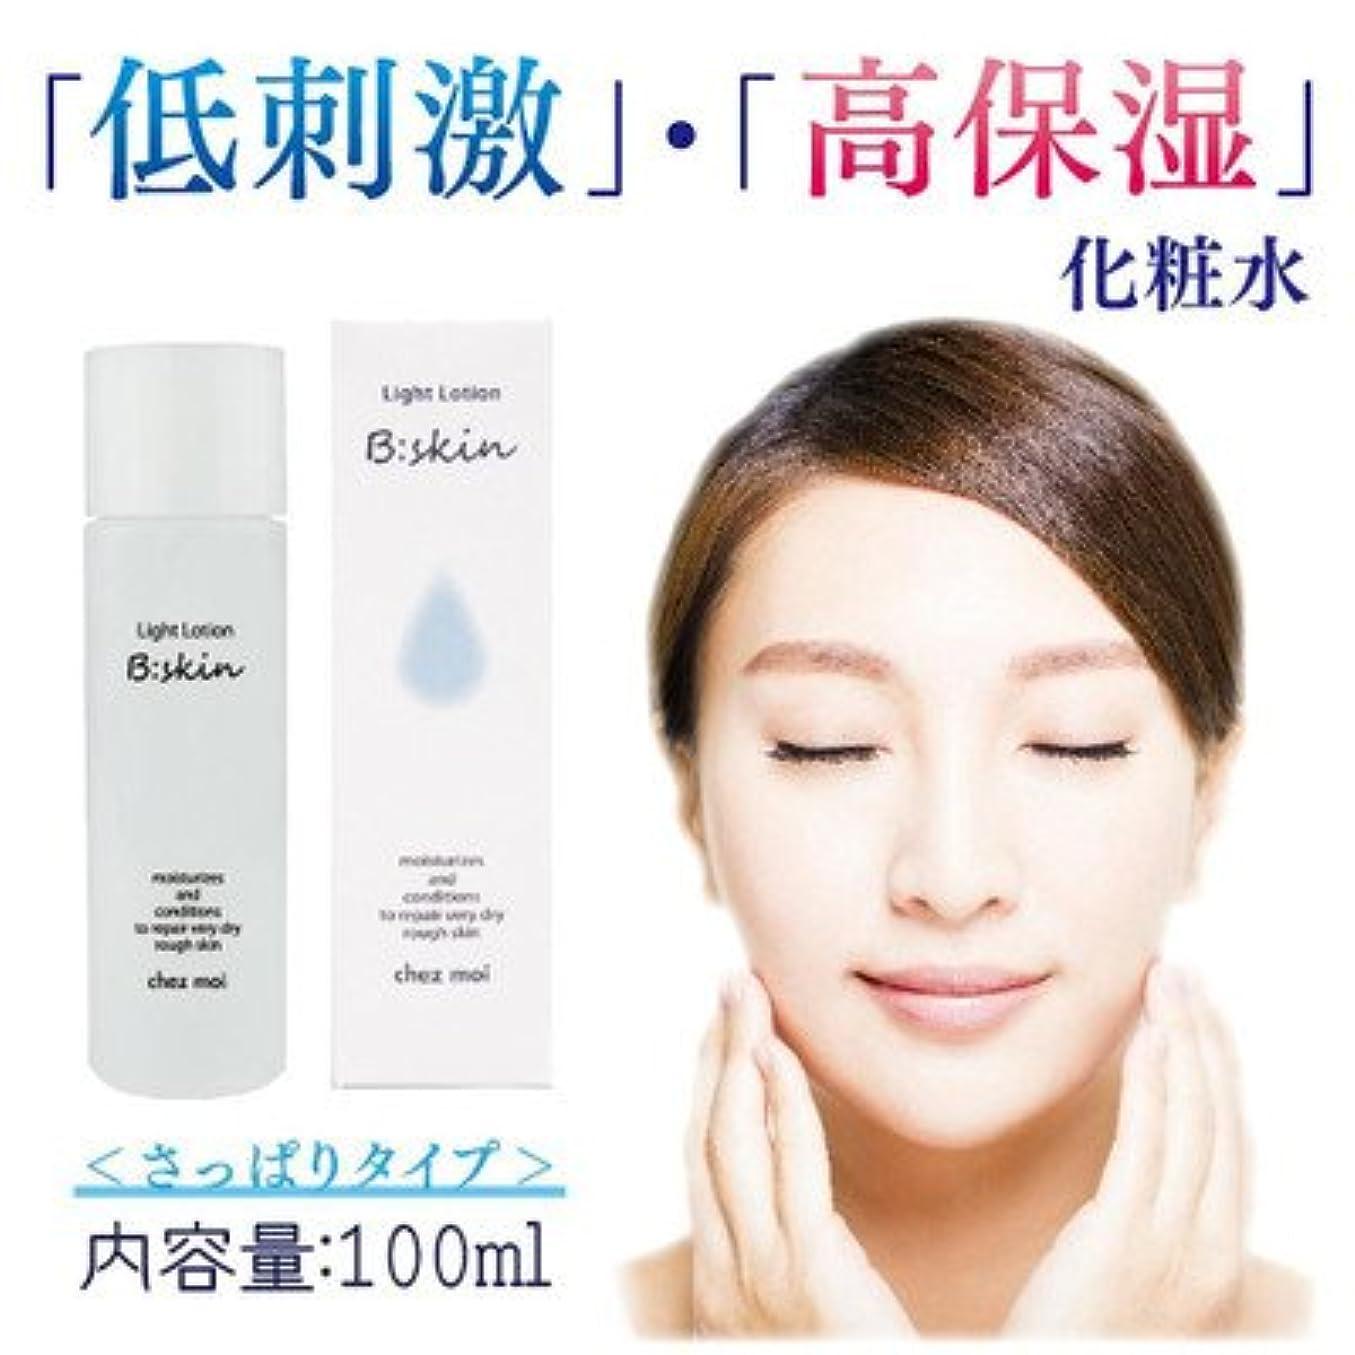 魅力的台風ヒロイン低刺激 高保湿 さっぱりタイプの化粧水 B:skin ビースキン Light Lotion ライトローション さっぱりタイプ 化粧水 100mL